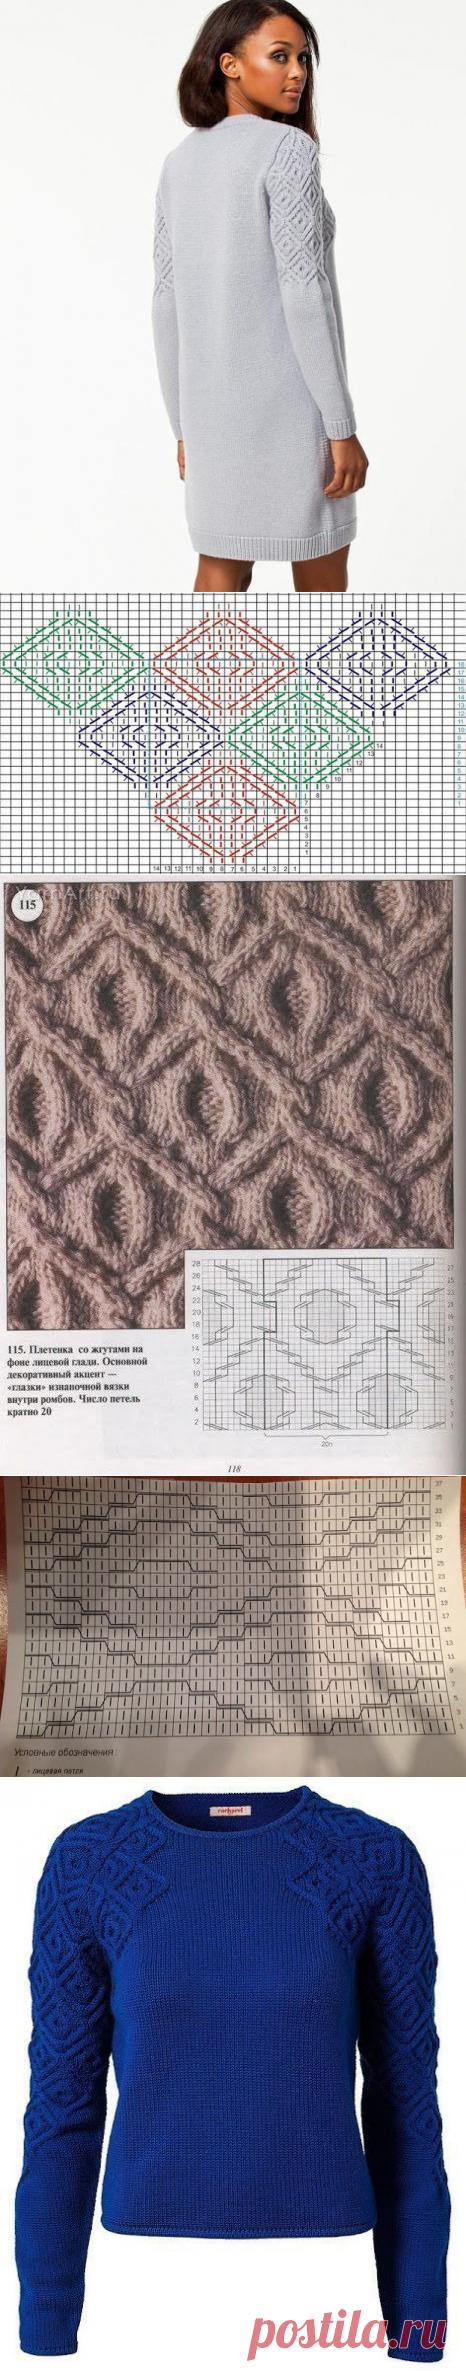 ВЯЗАНИЕ.Французская мозаика от Кашарель, свитер и платье спицами.